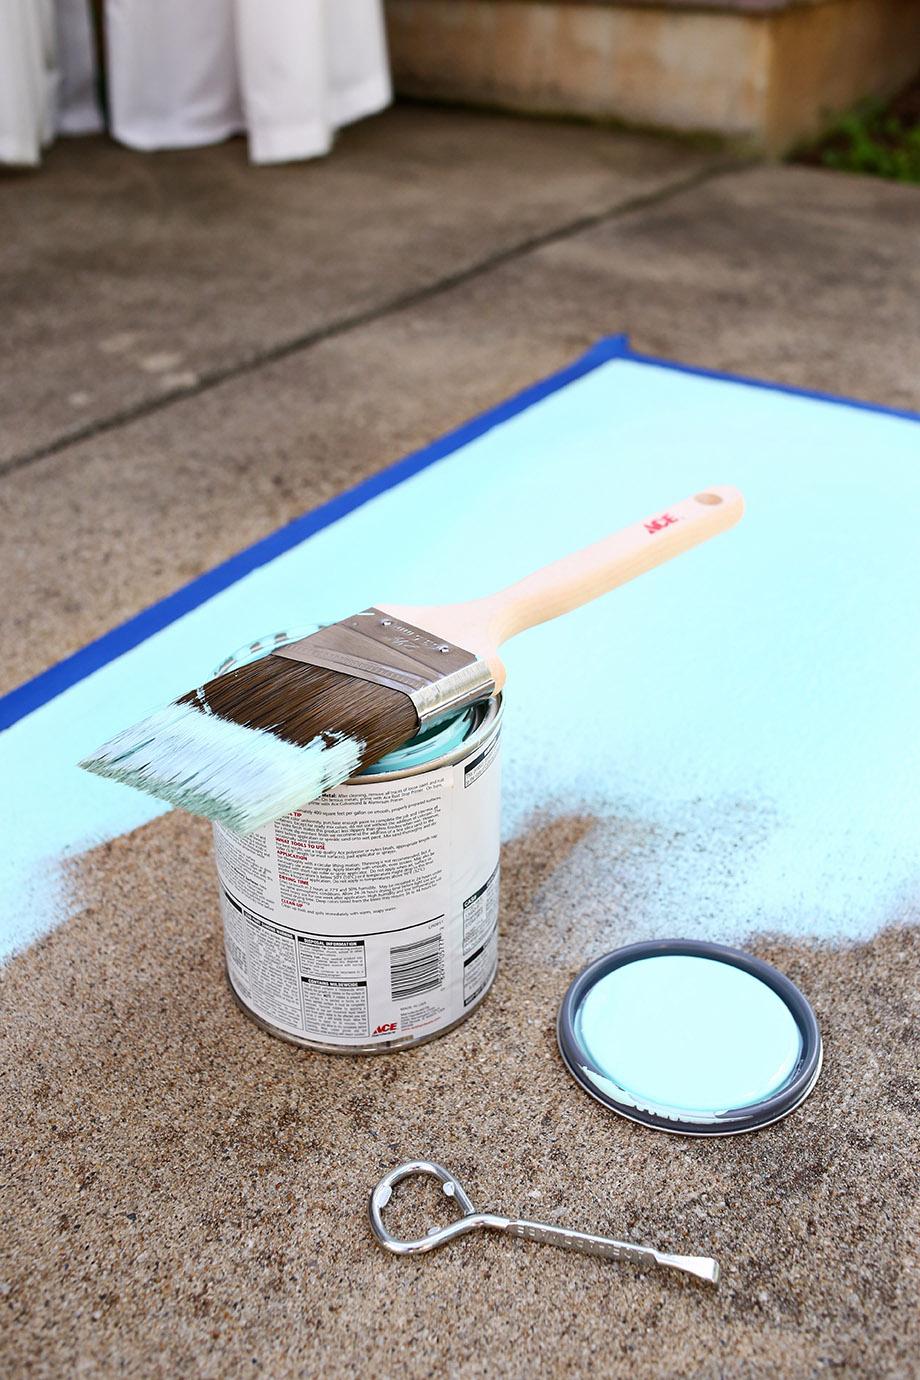 ทาสีพื้นสีฟ้า